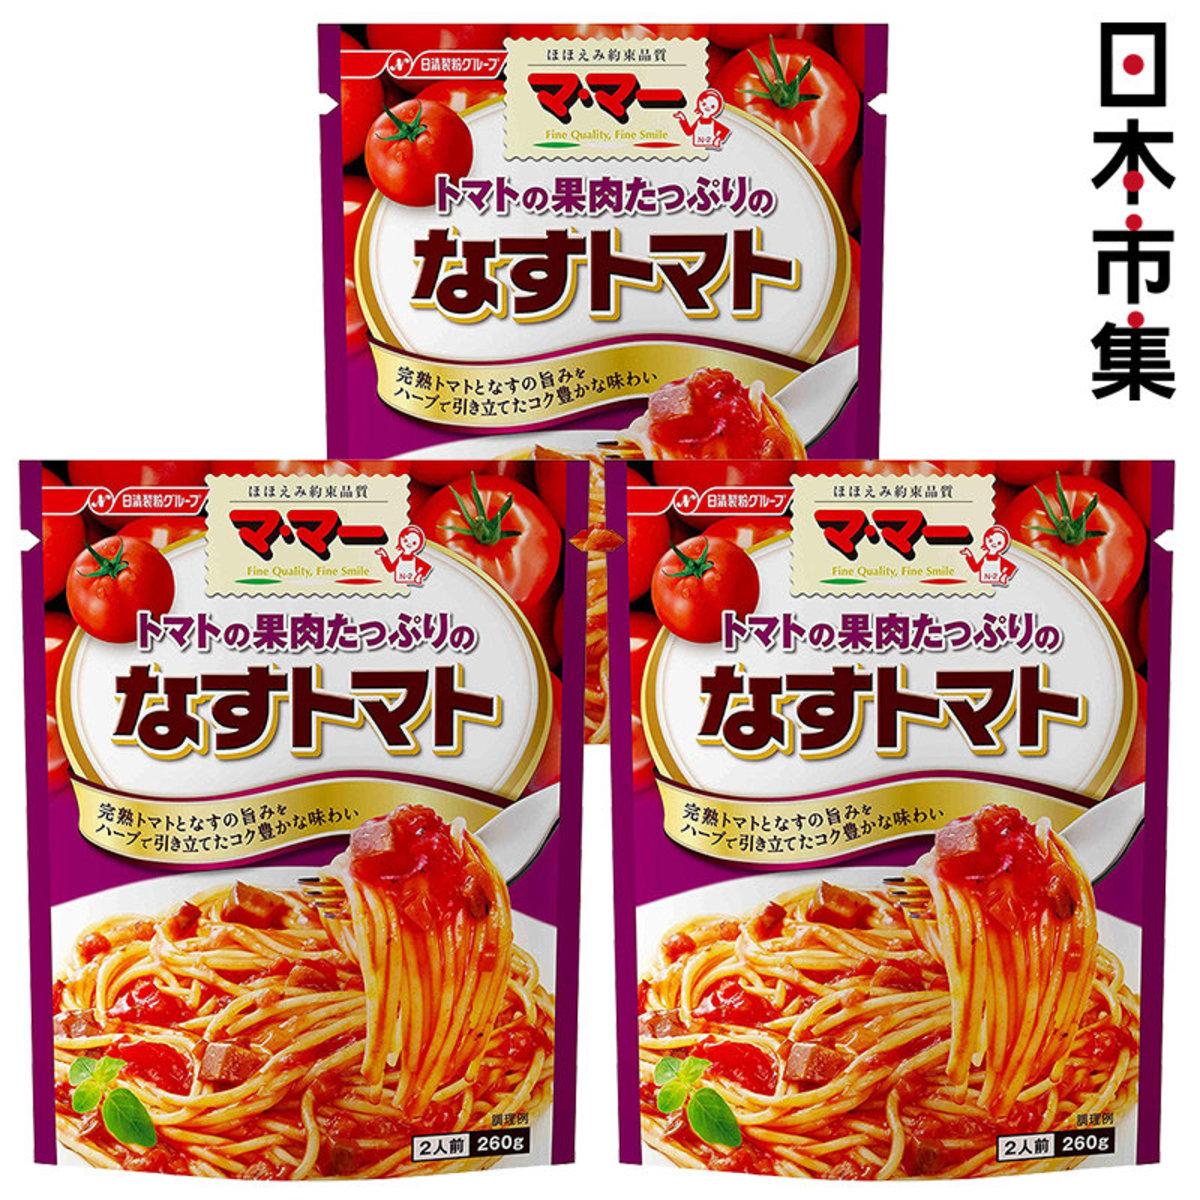 日版日清大量完熟蕃茄意粉醬 2人前 (3件裝)【市集世界 - 日本市集】